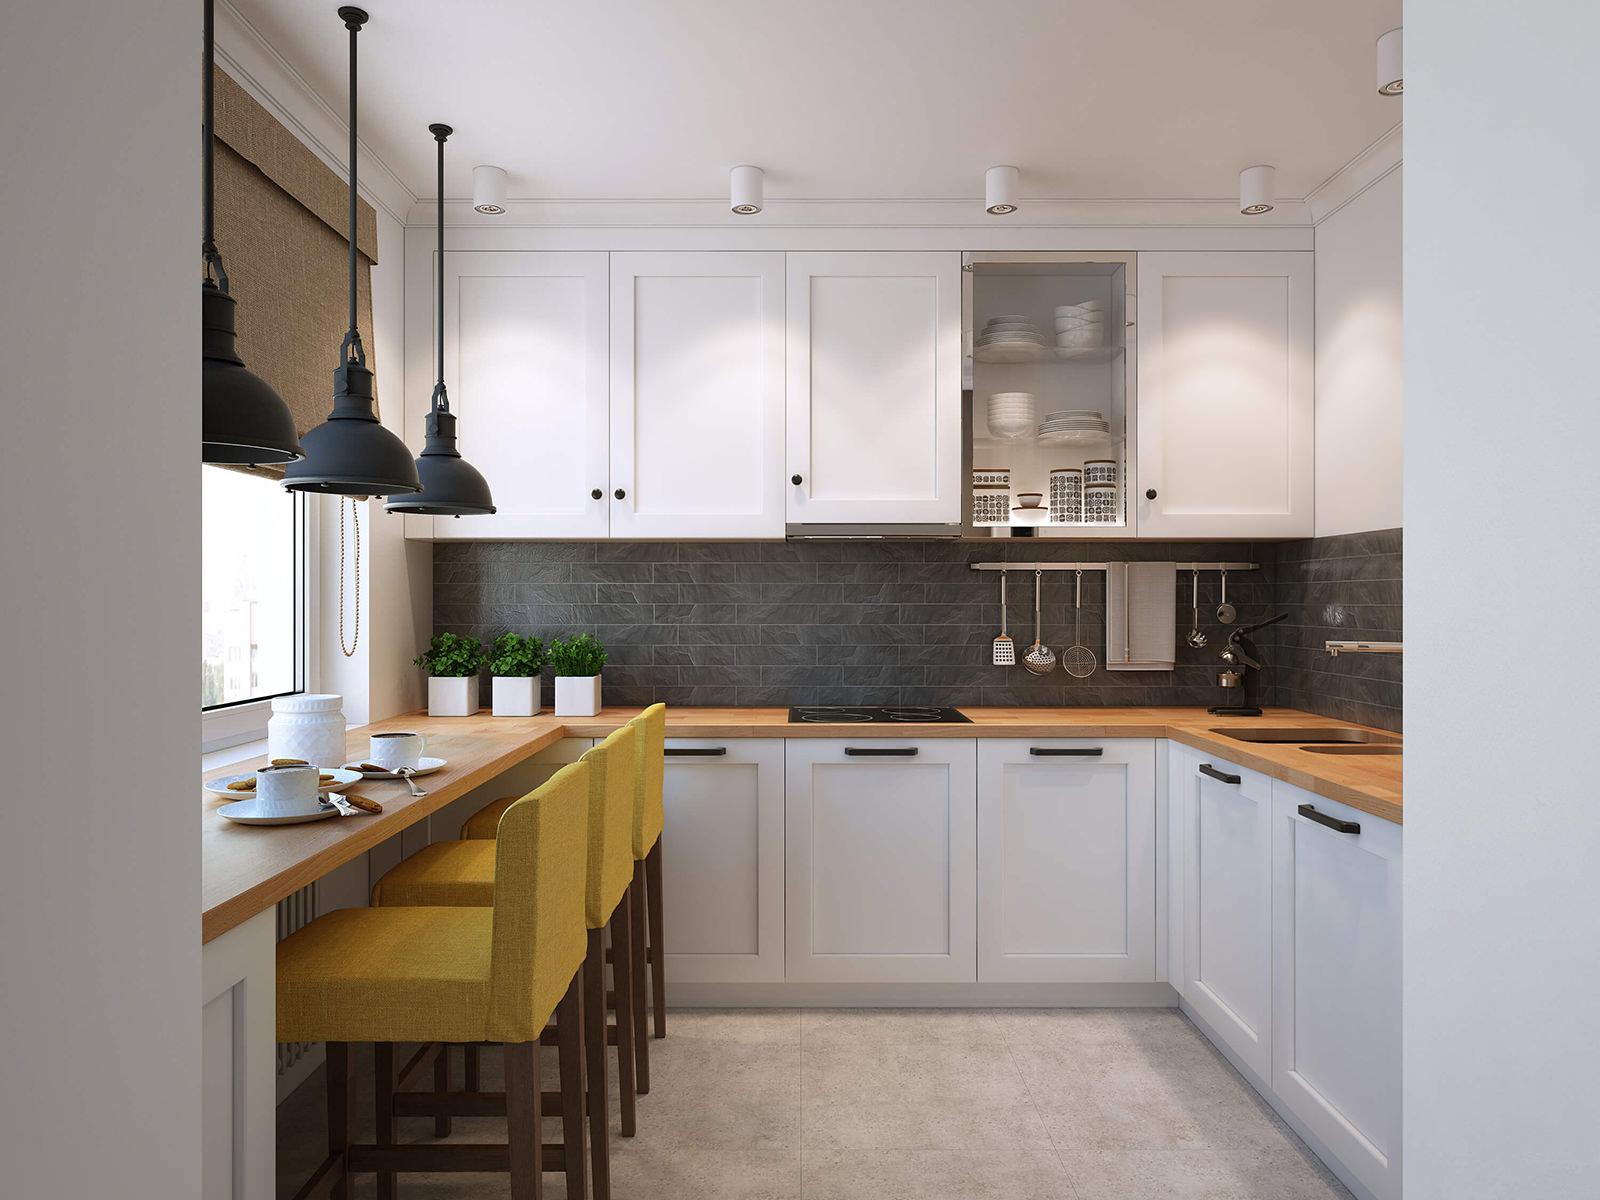 Черный фартук в бело-коричневой кухне 11 кв м